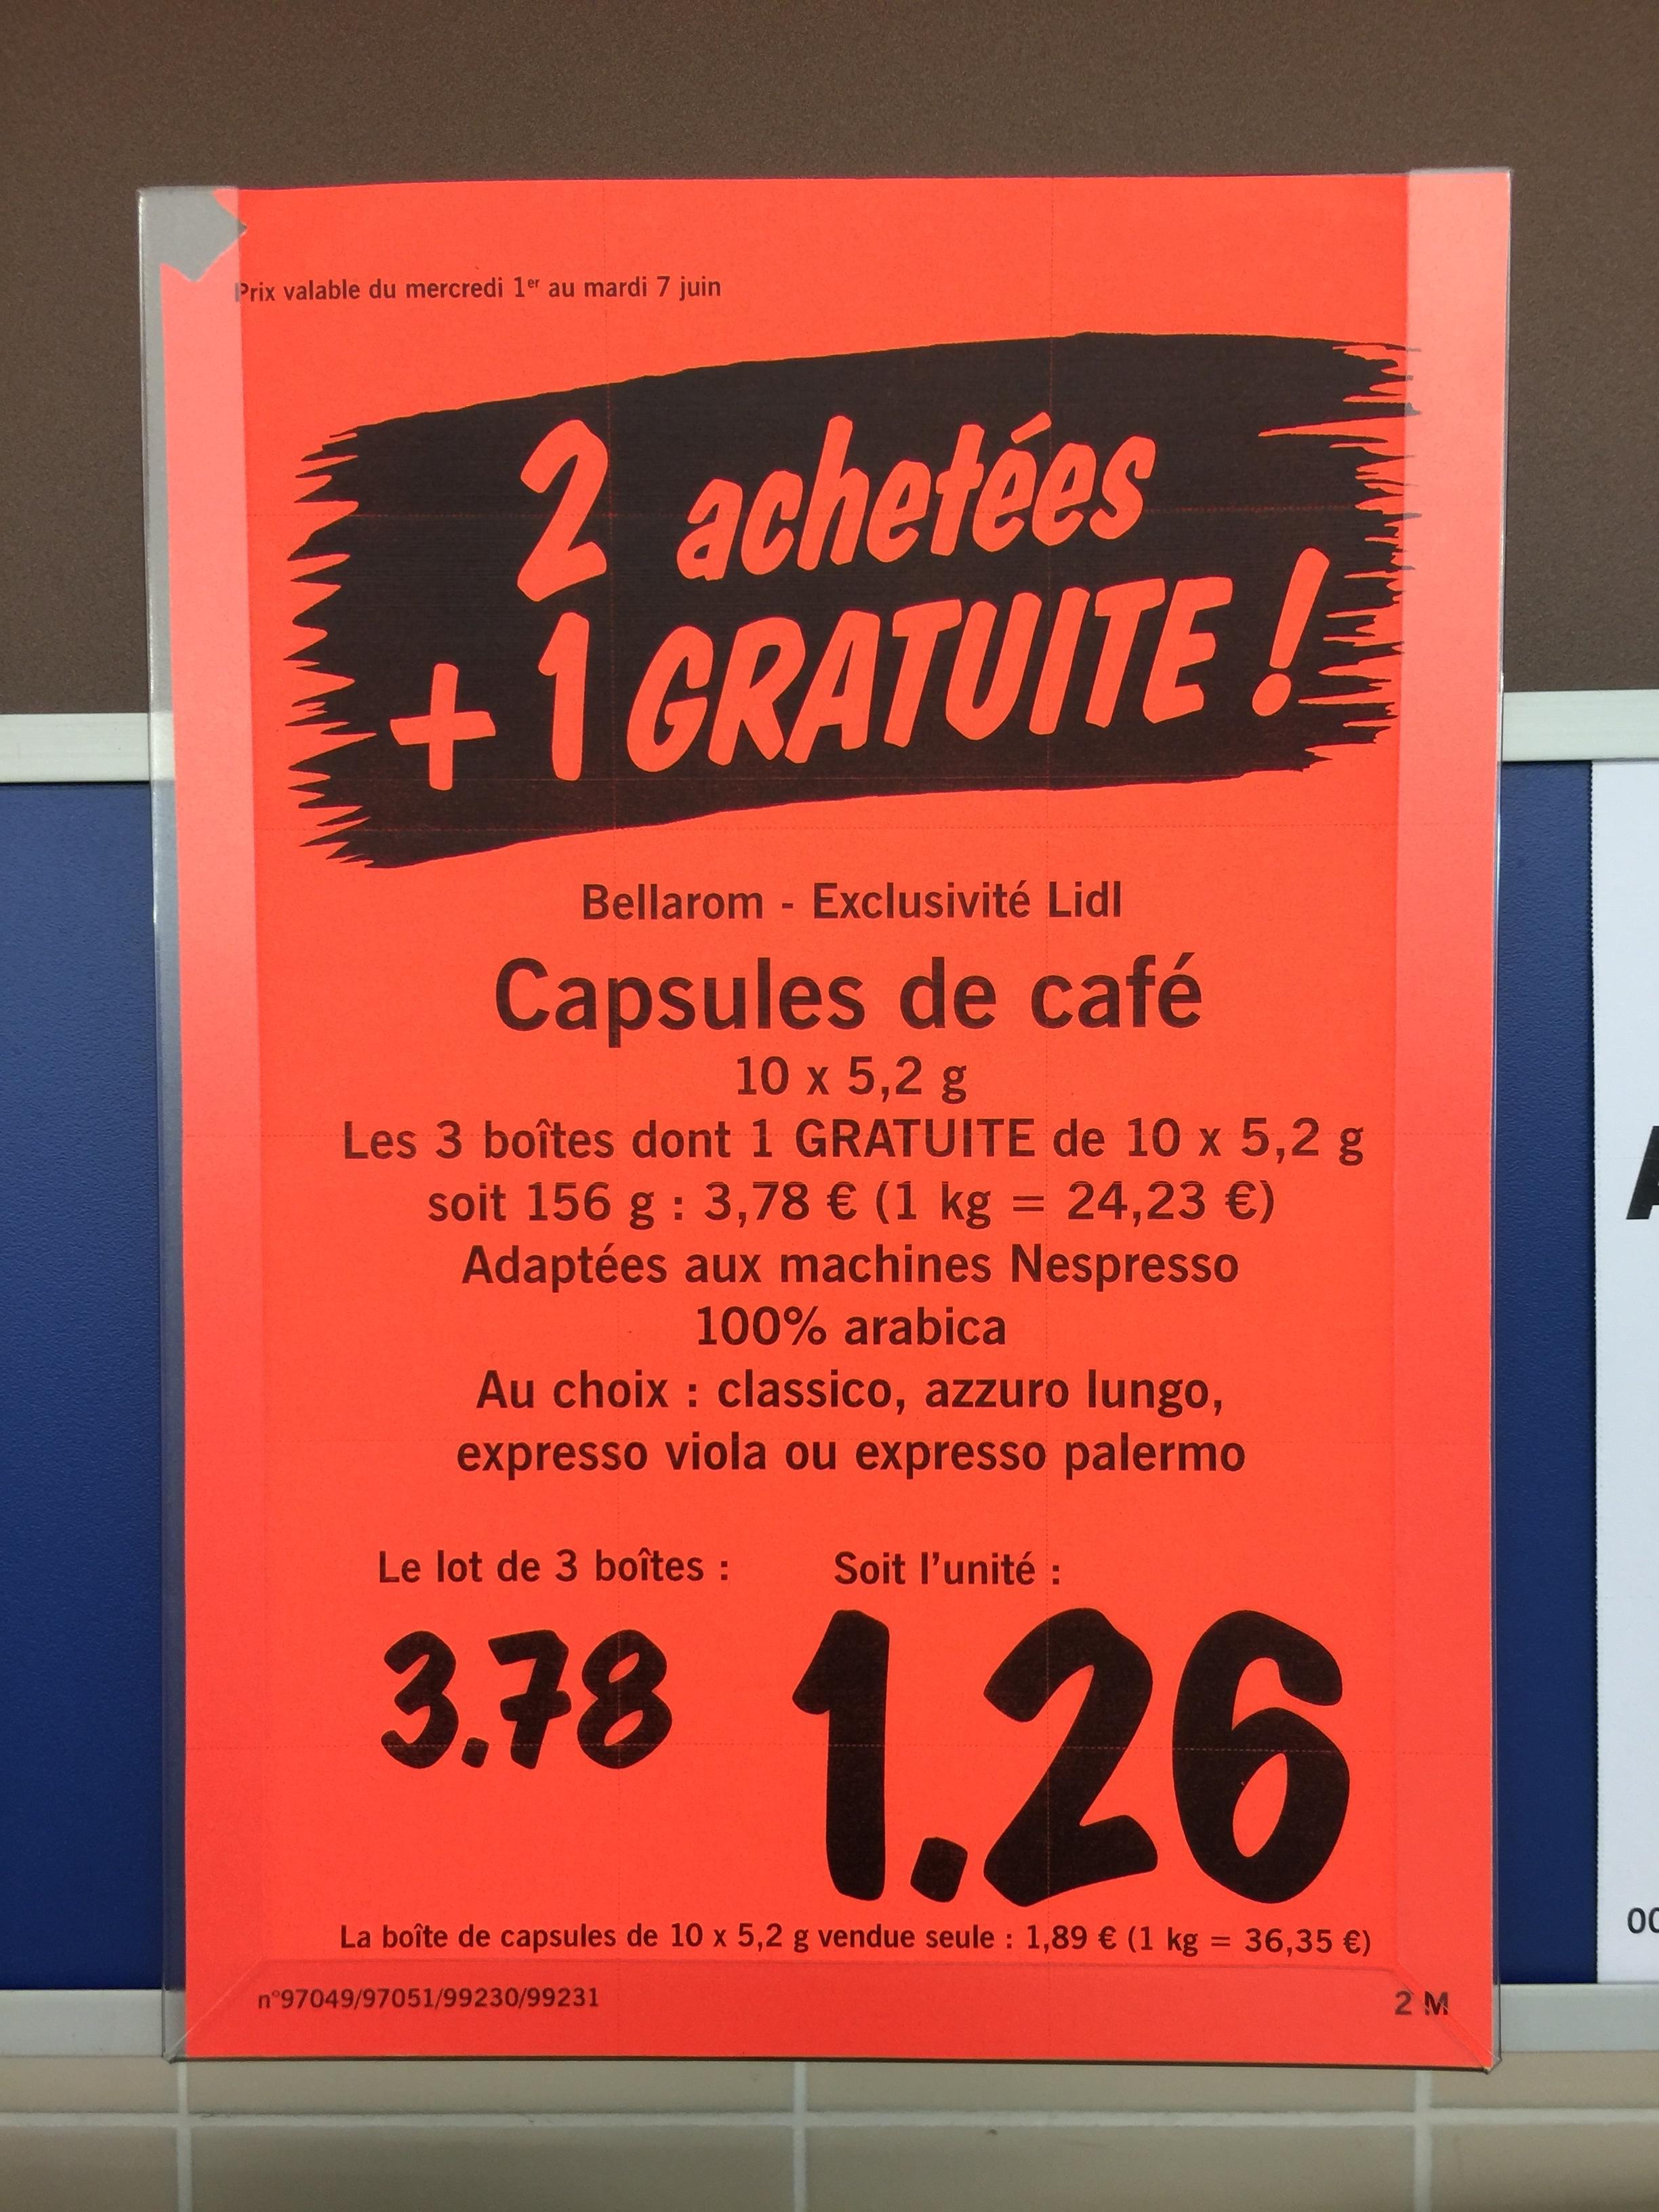 2 boites de capsules compatibles Nespresso achetées = 1 offerte, soit le lot de 3